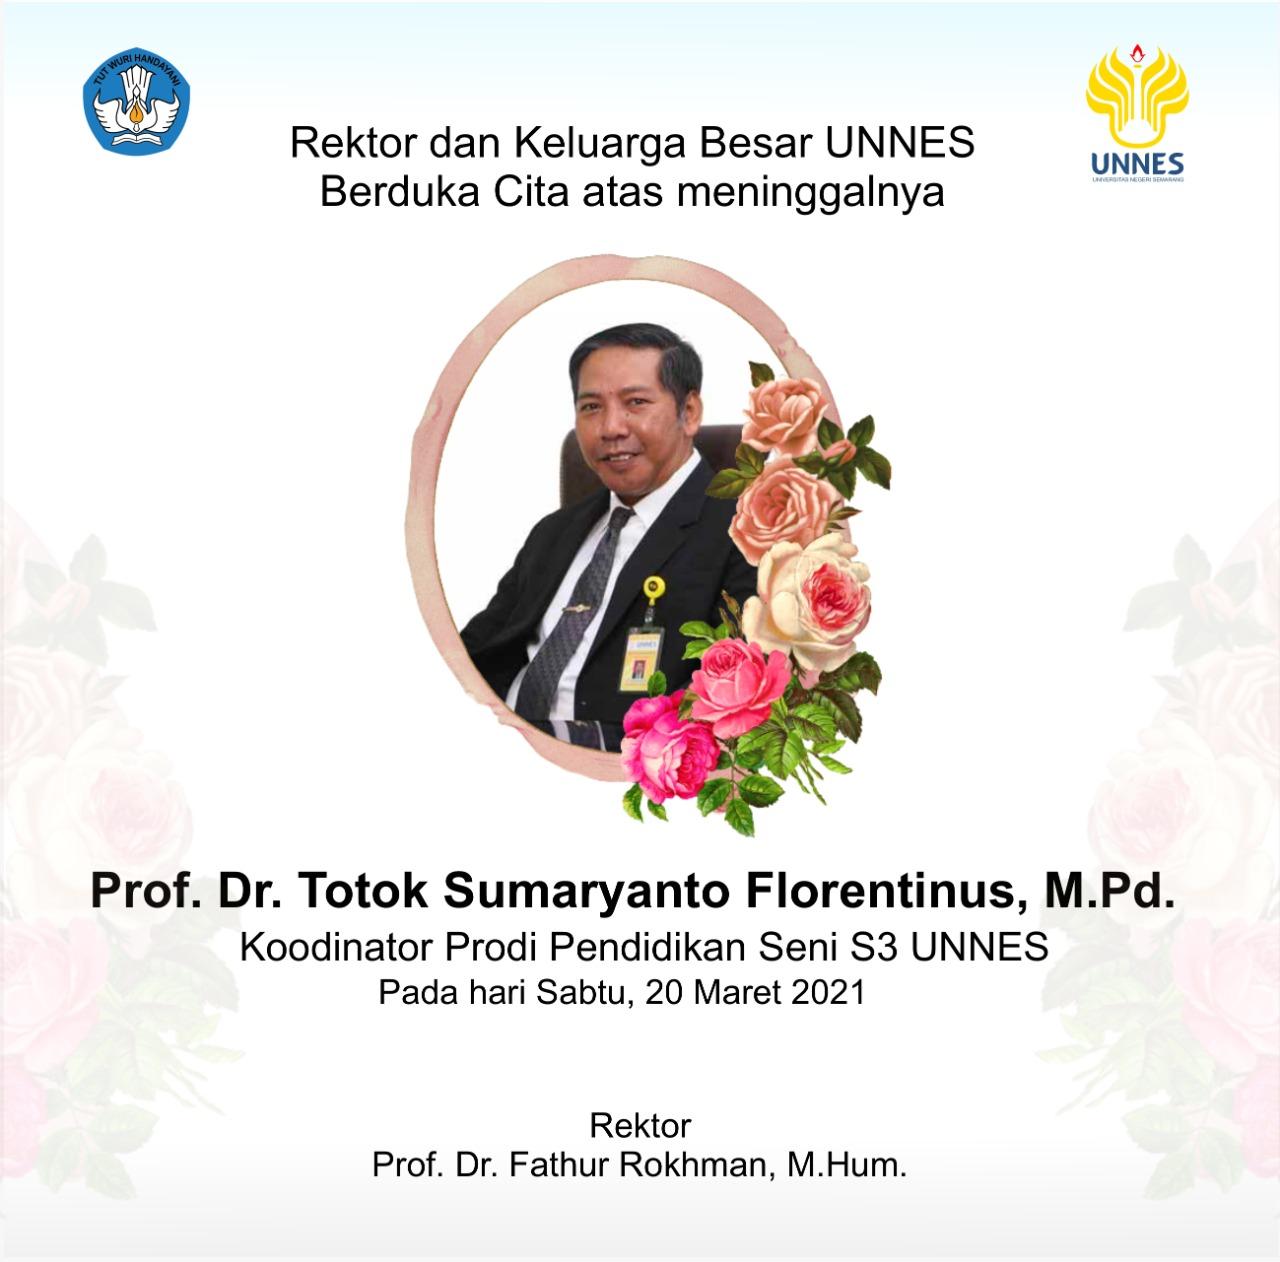 Selamat Jalan Prof Dr Totok Sumaryanto